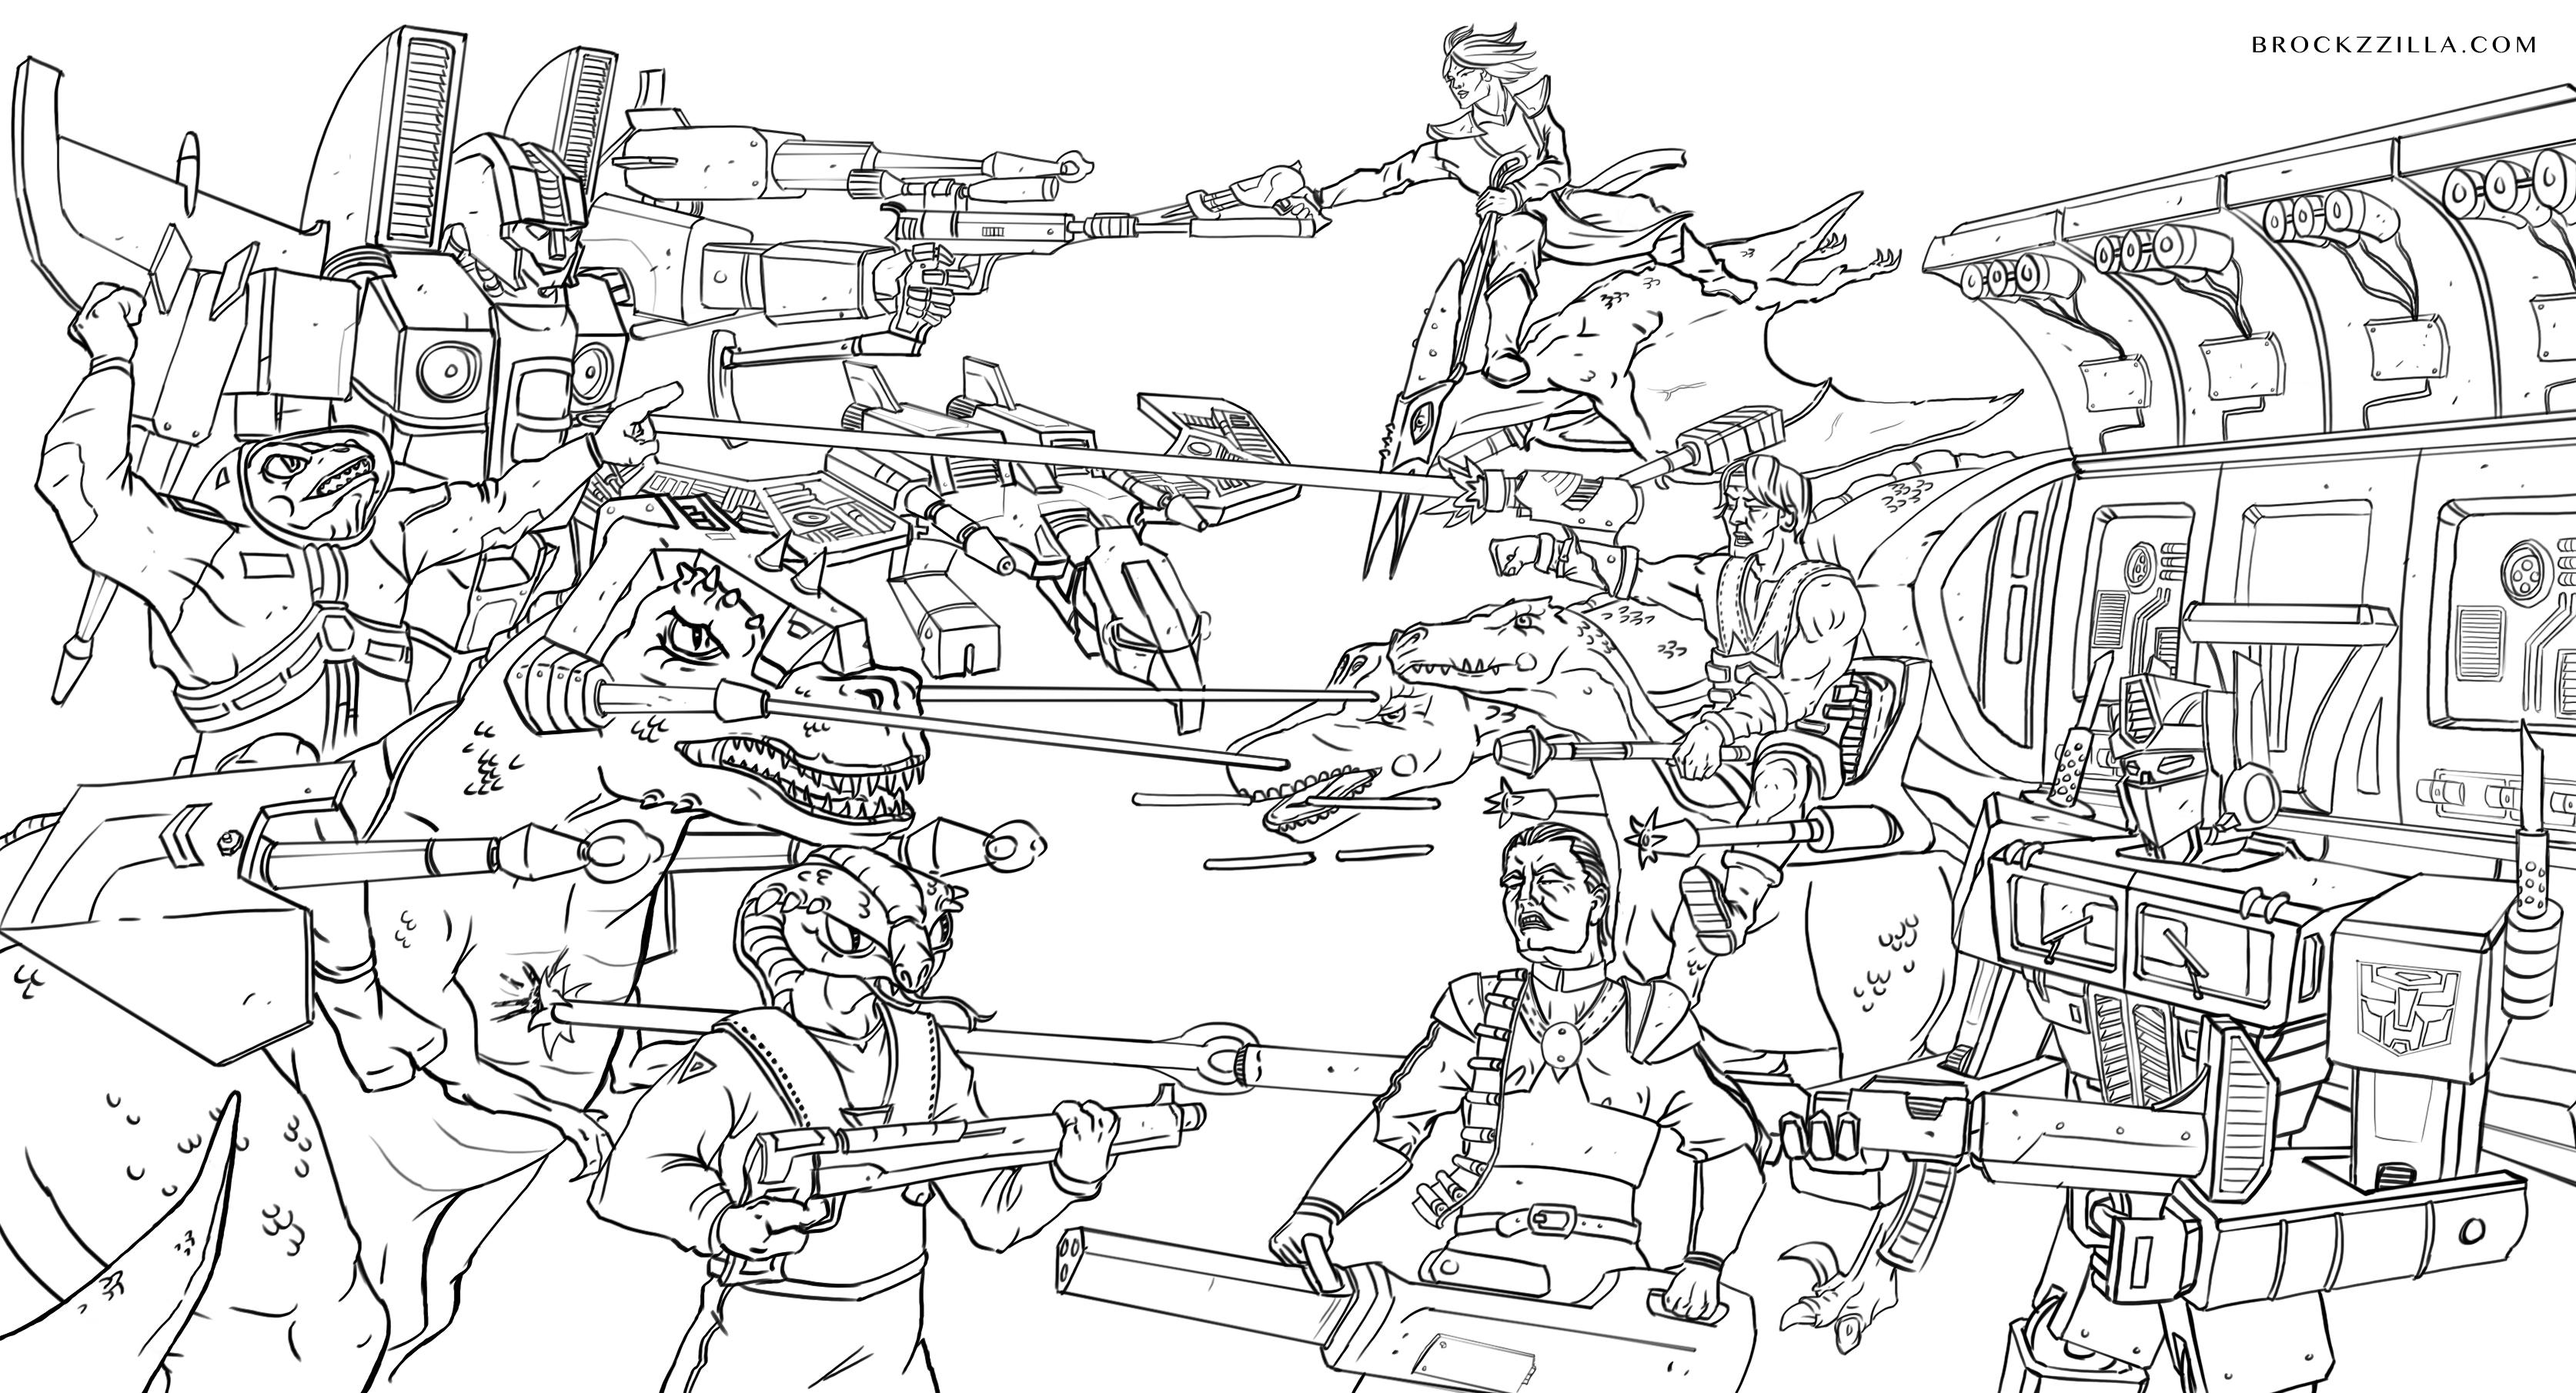 LPGE_DinoRider_Transformers.jpg